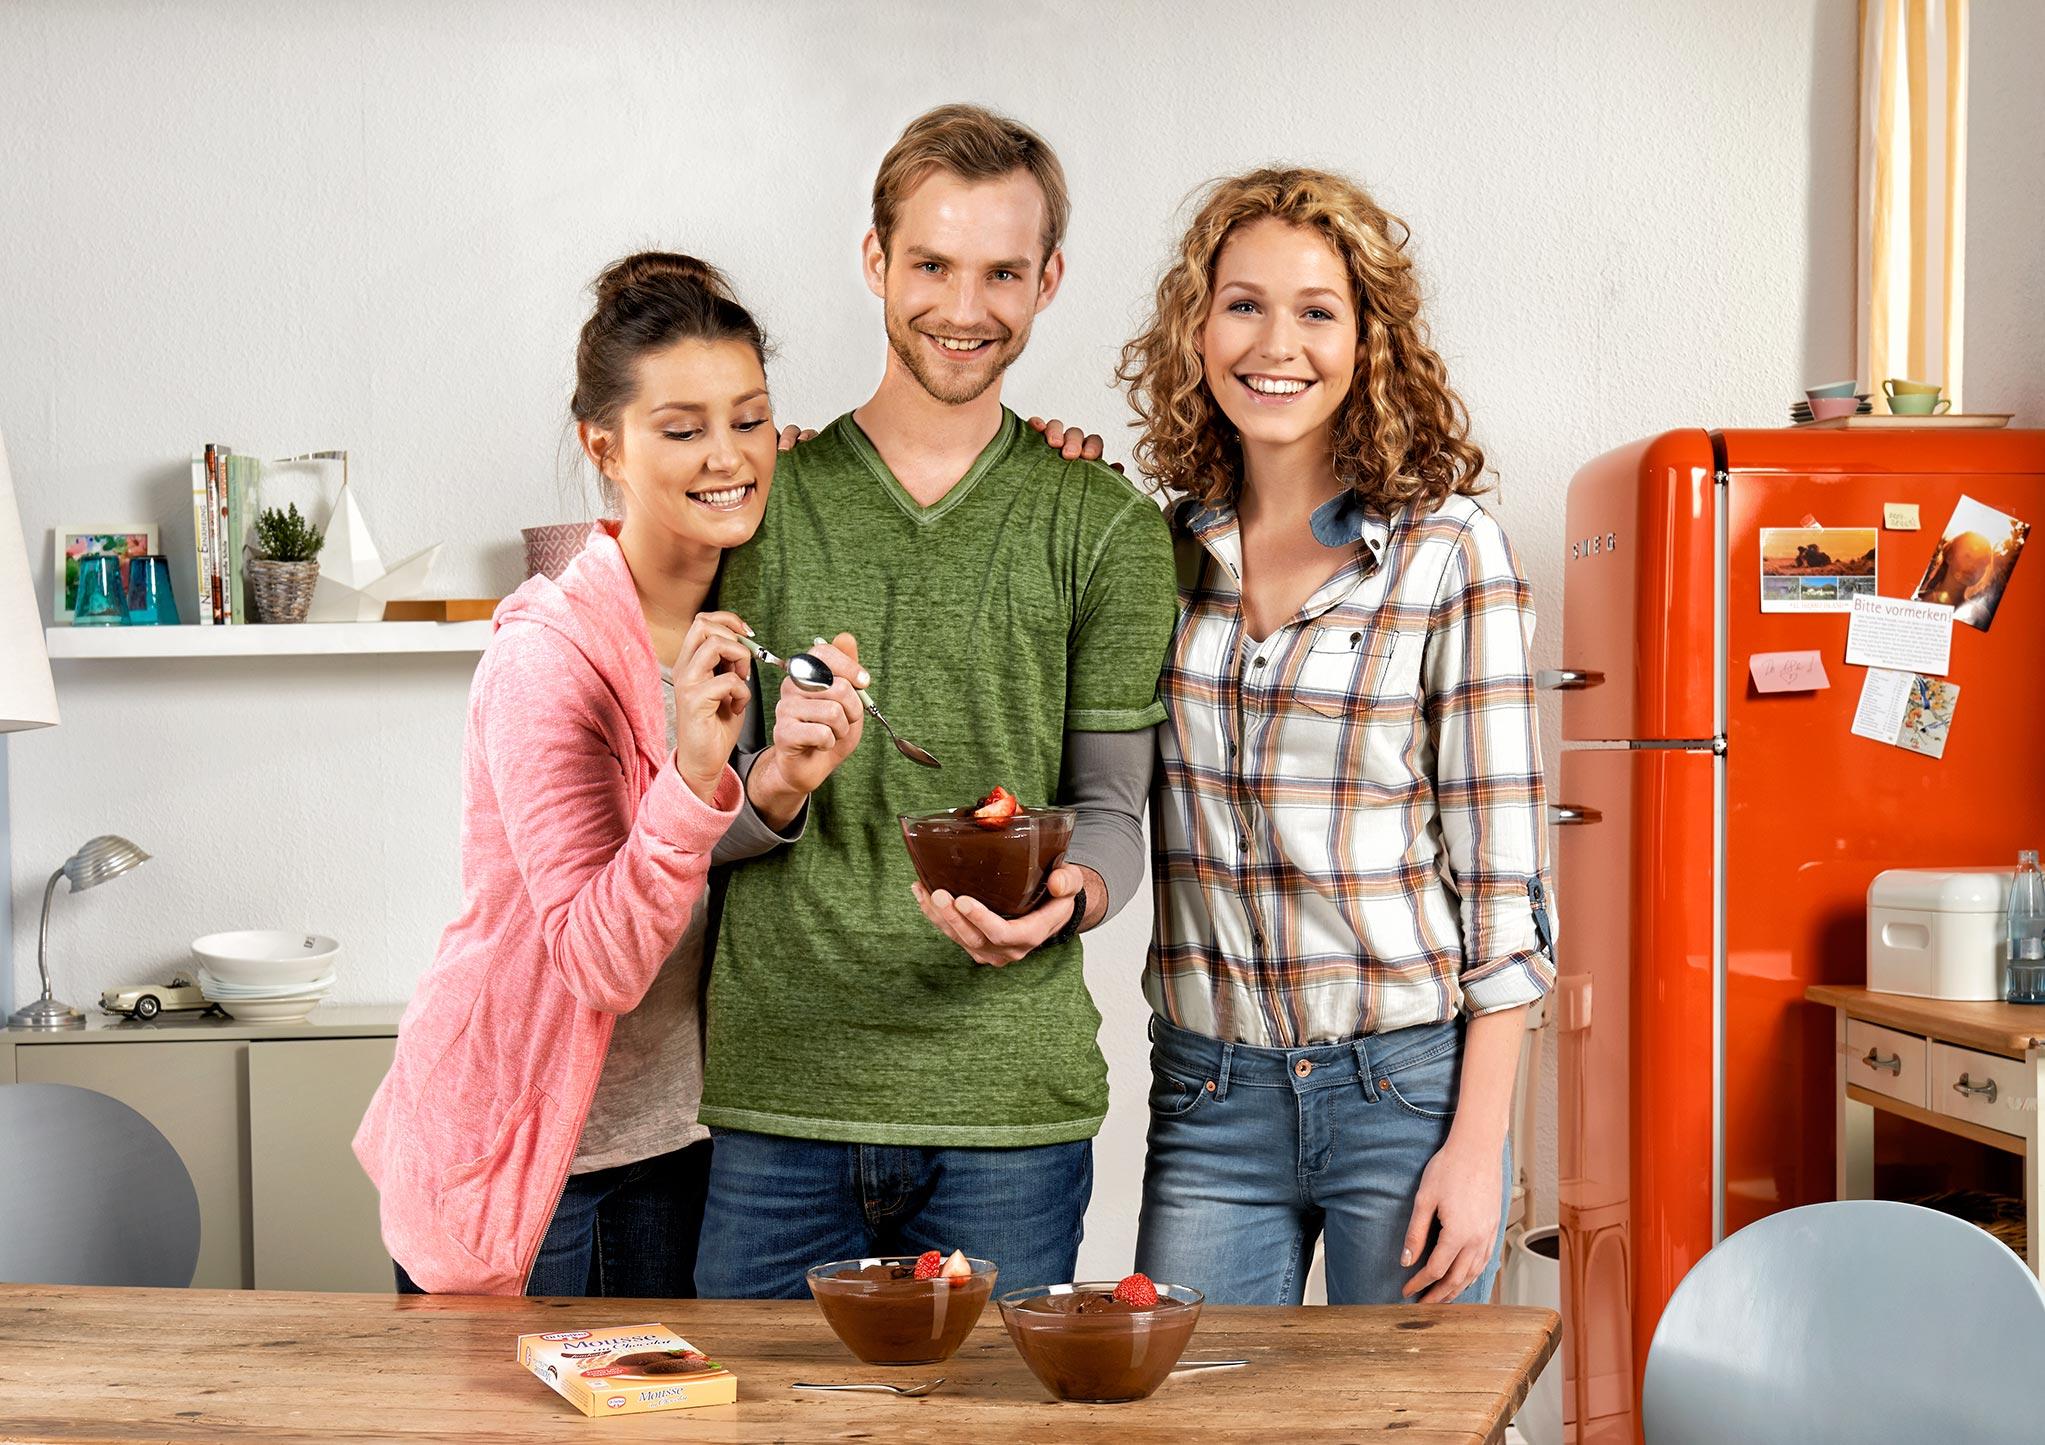 Peoplefotografie studenten in ihrer wg kueche beim for Studenten küche